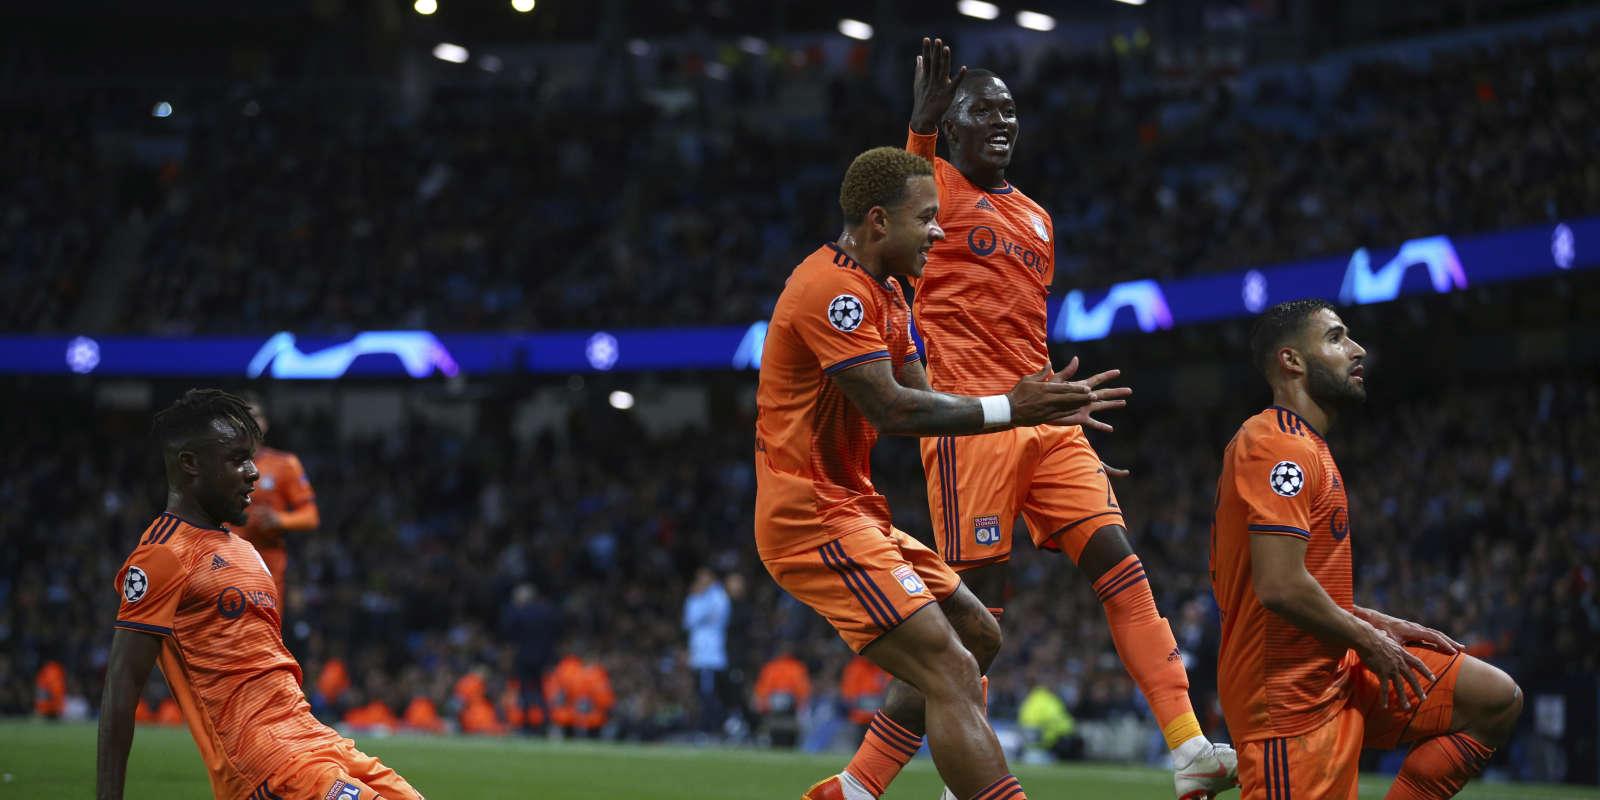 Les Lyonnais restent sur un exploit avec une victoire face à Manchester City.